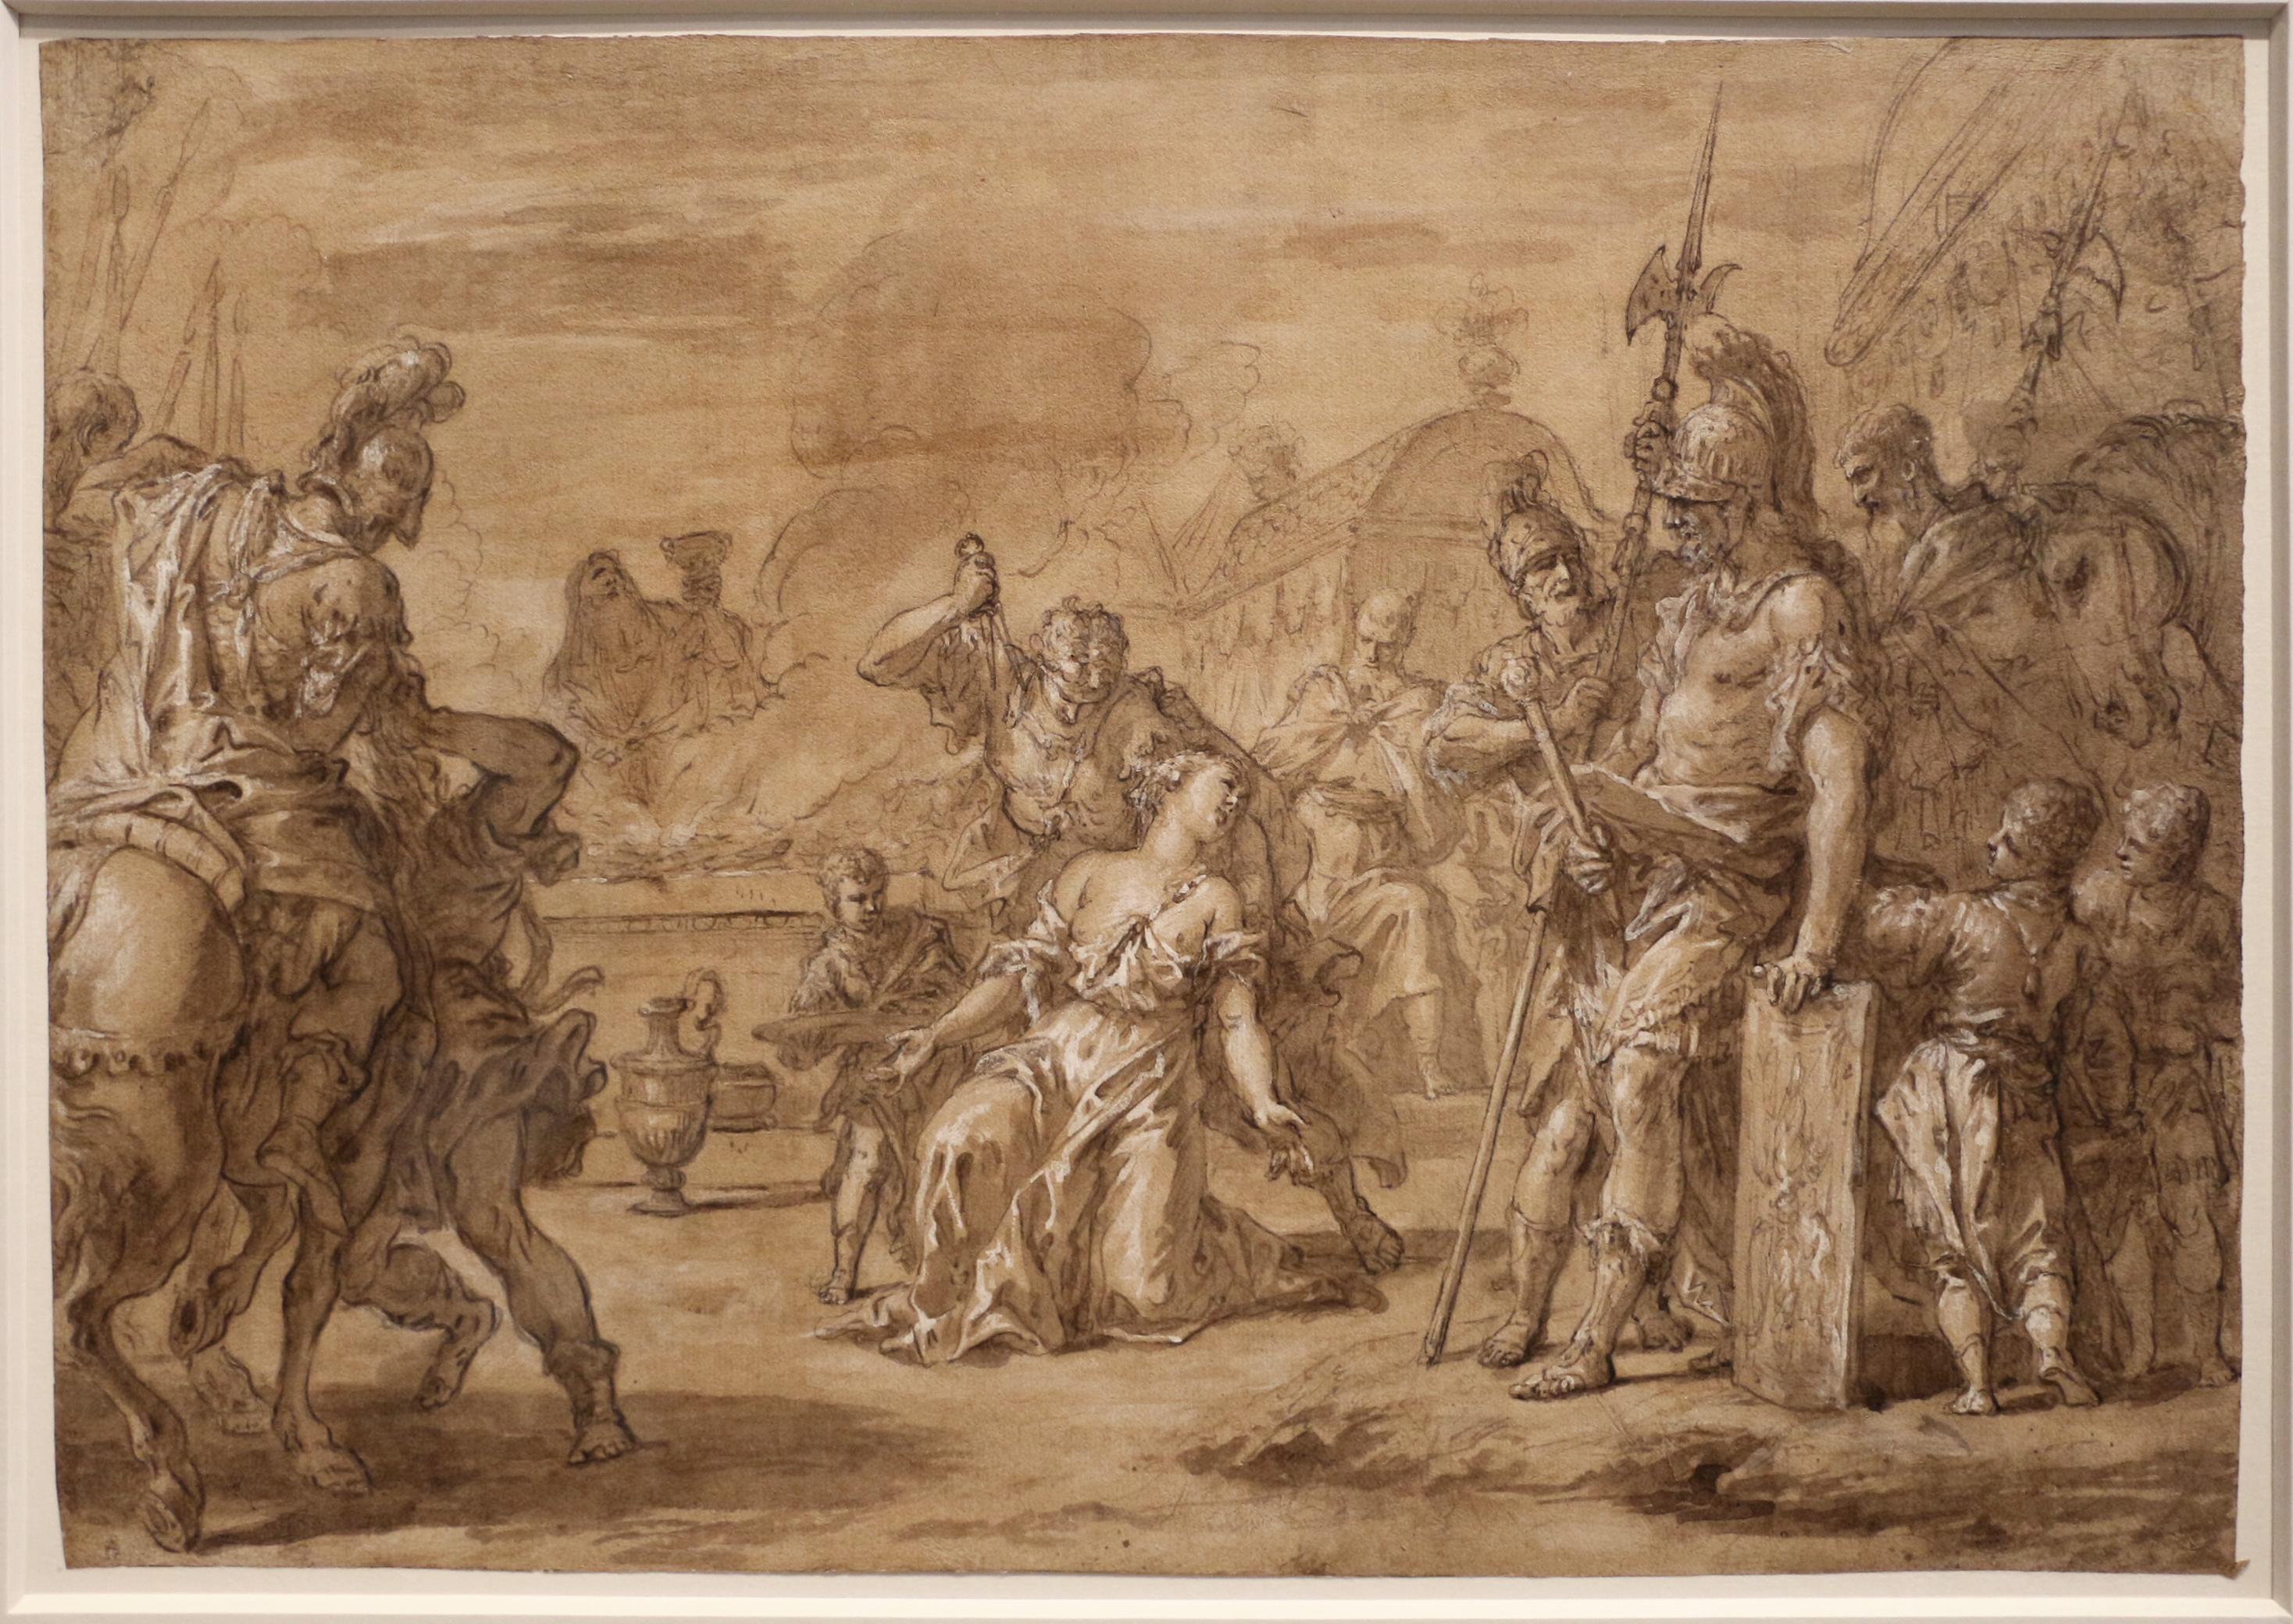 File:Sebastiano ricci, disegni dell'album, 1706-1725 ca. (